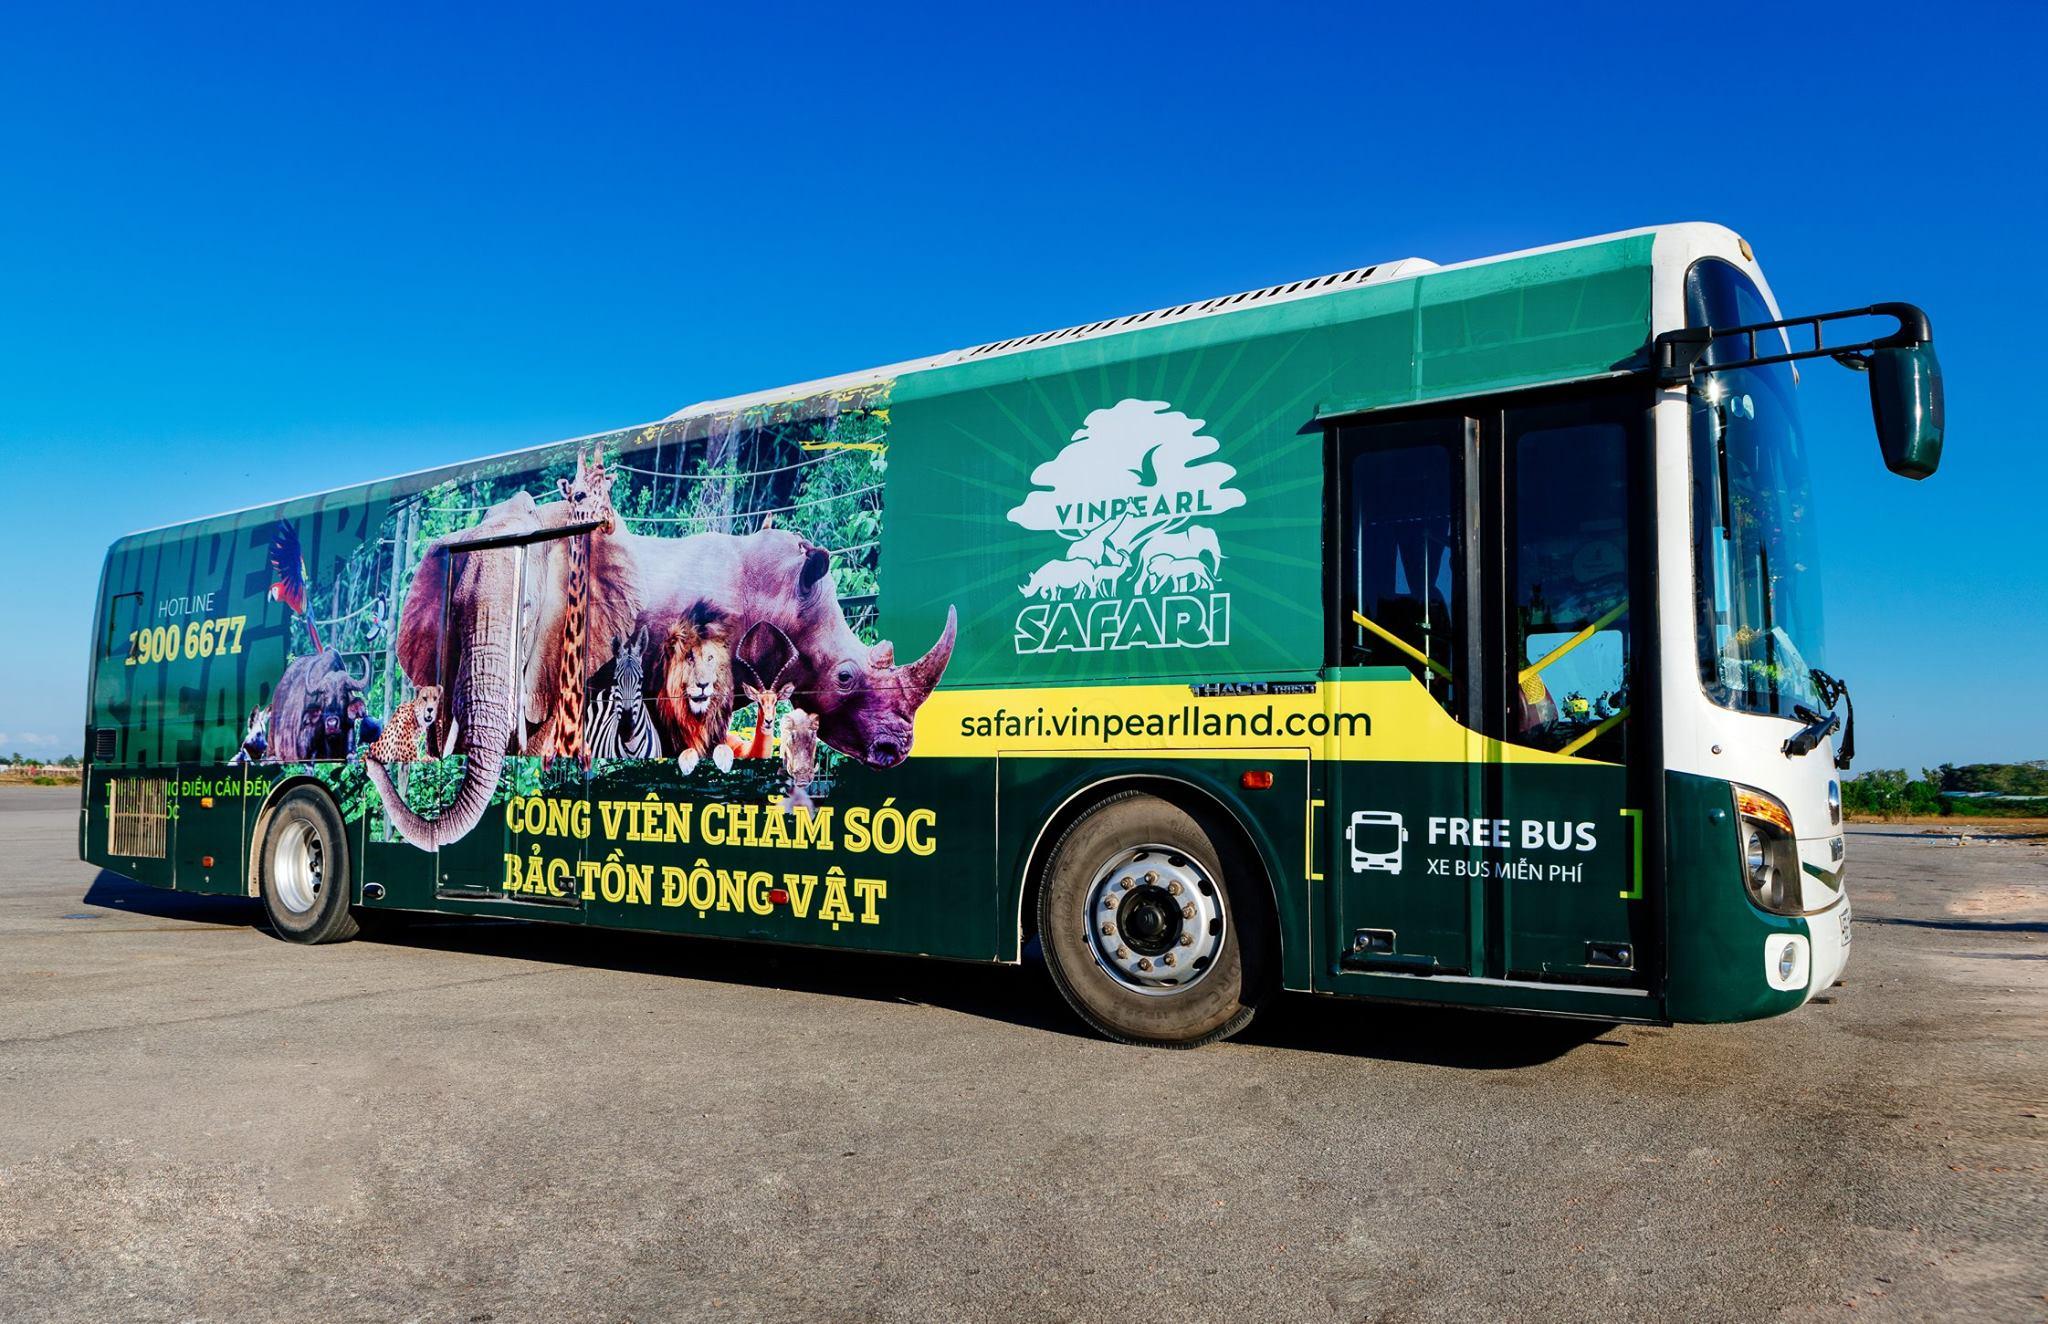 Xe bus đưa đón miễn phí của Vinpearl. Hình: Sưu tầm